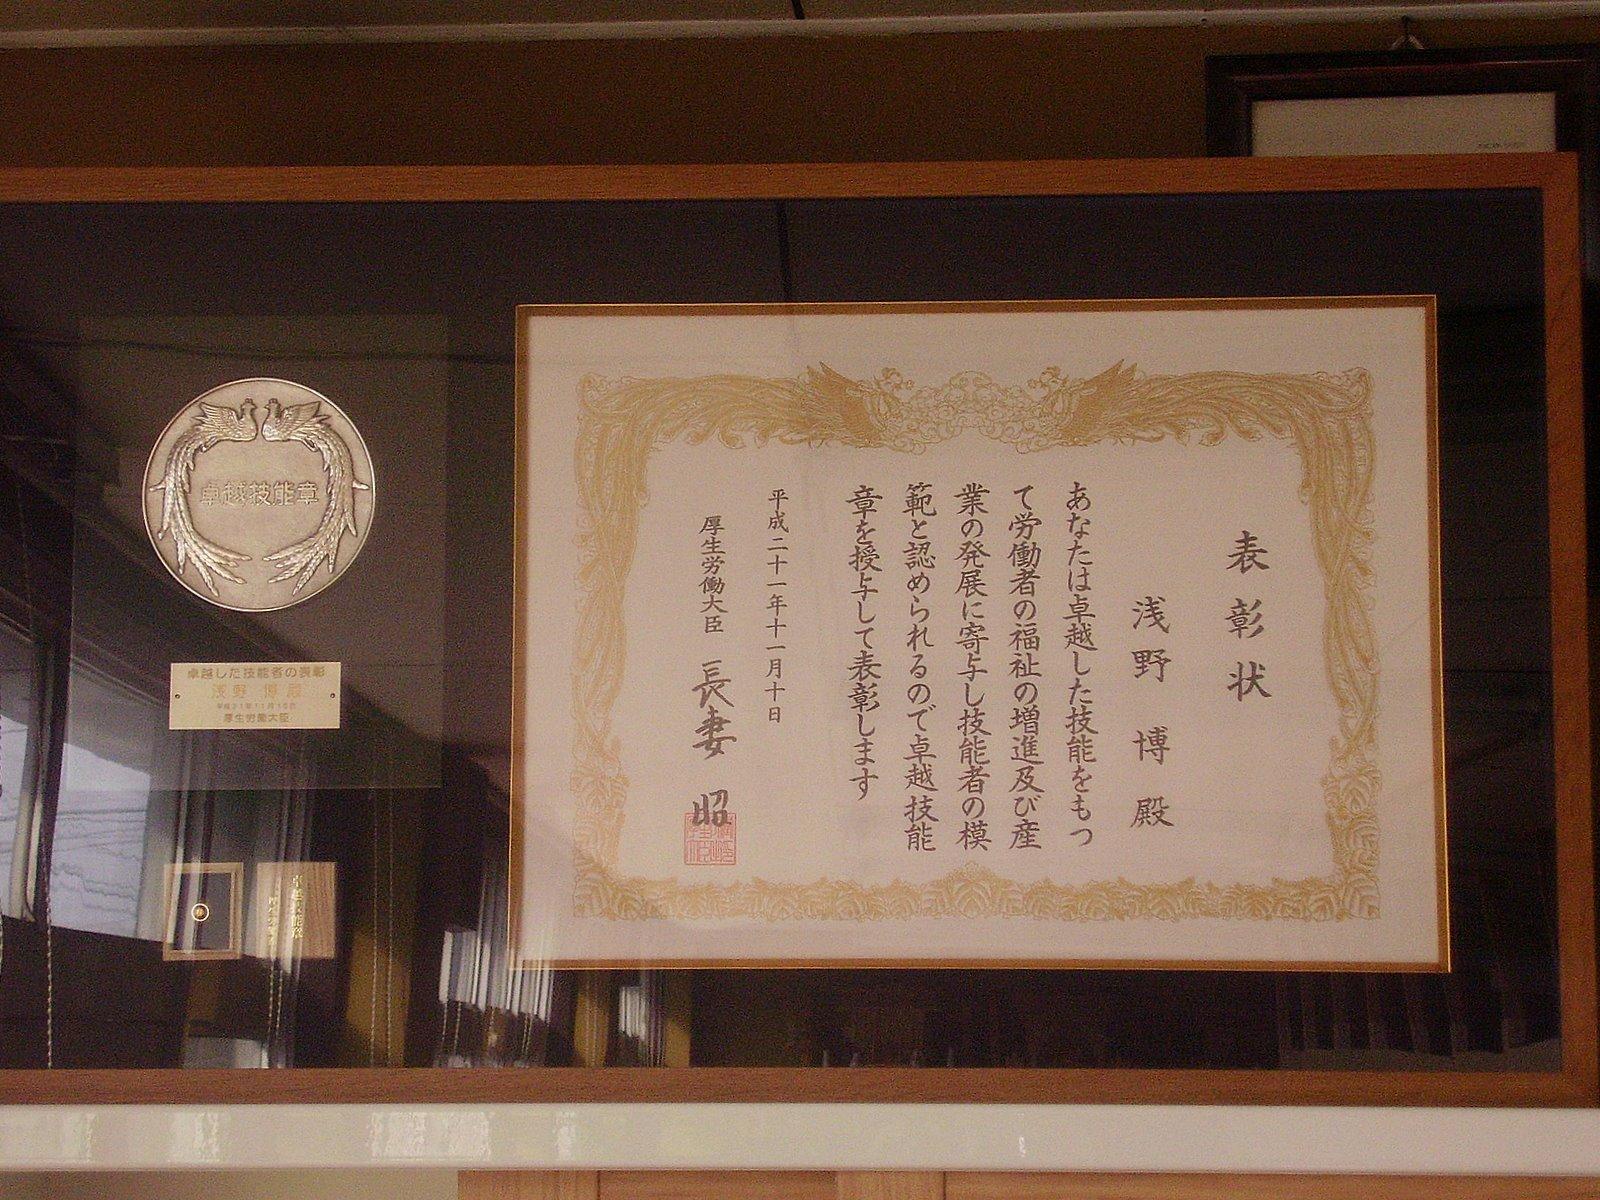 現代の名工:浅野ヒッタ家具工業:浅野博